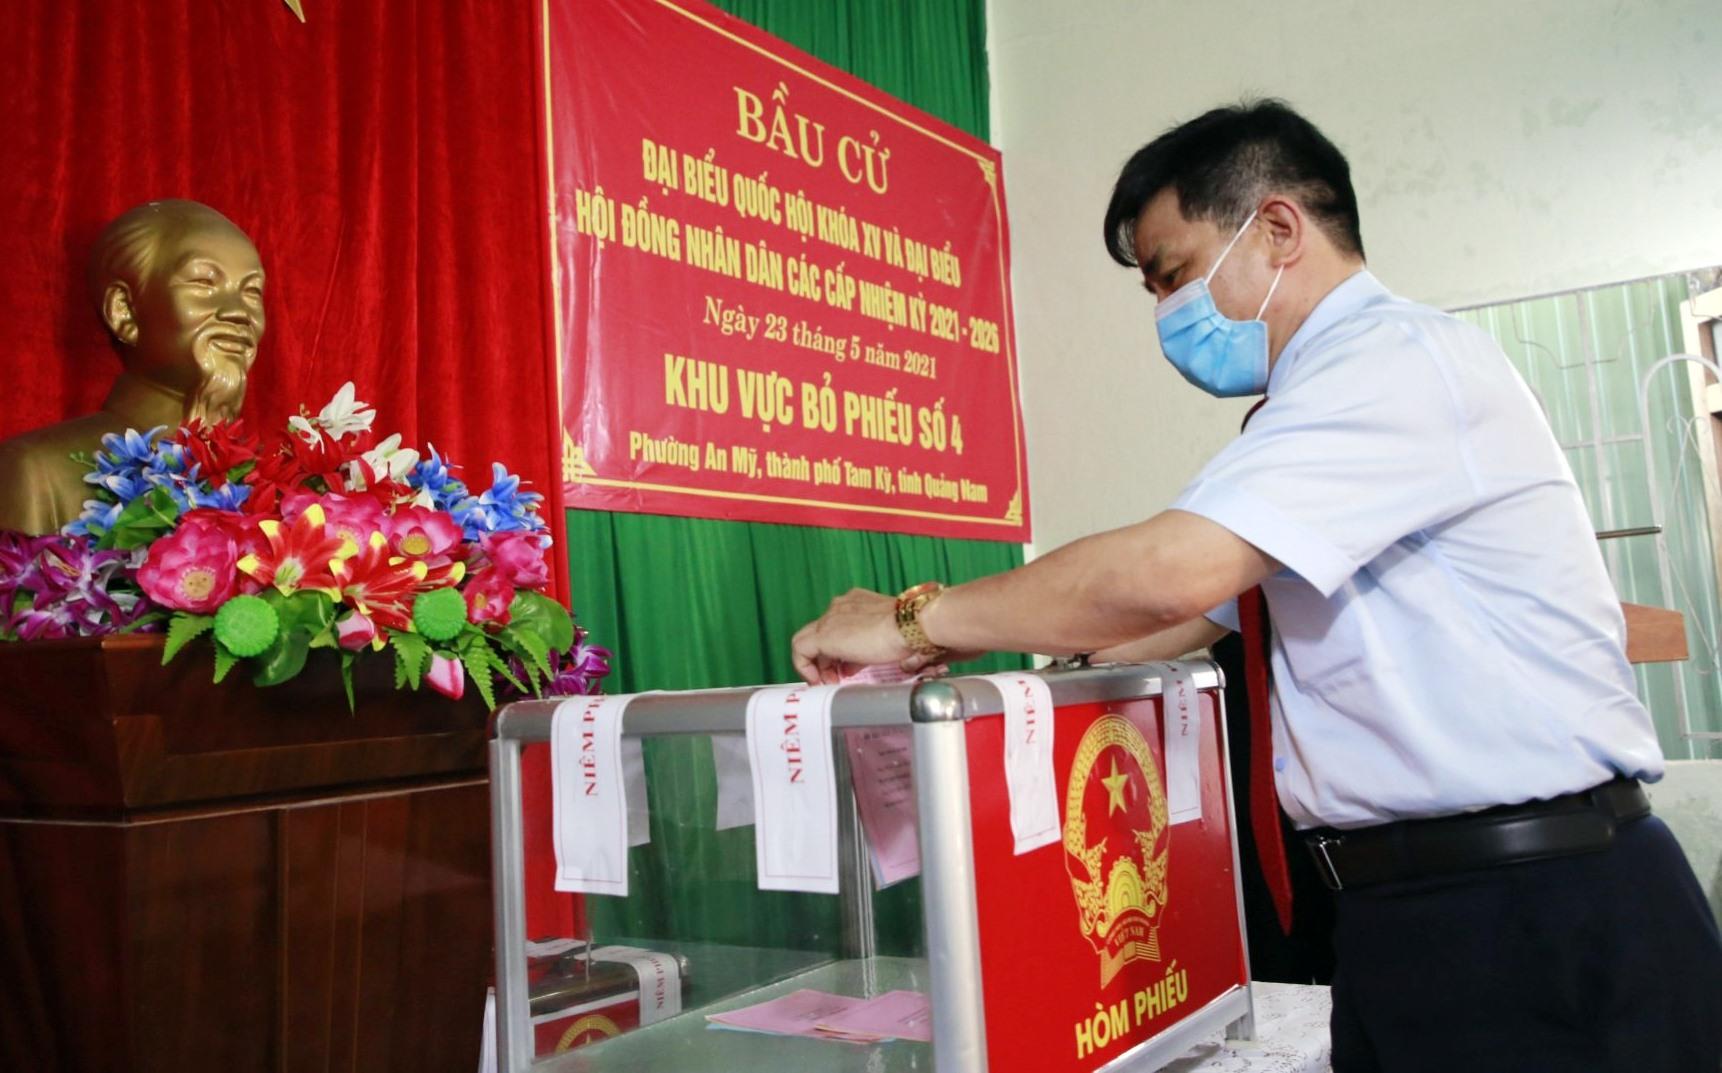 Phó Bí thư Thường trực Tỉnh ủy Lê Văn Dũng bỏ phiếu tại khu vực bỏ phiếu số 4.